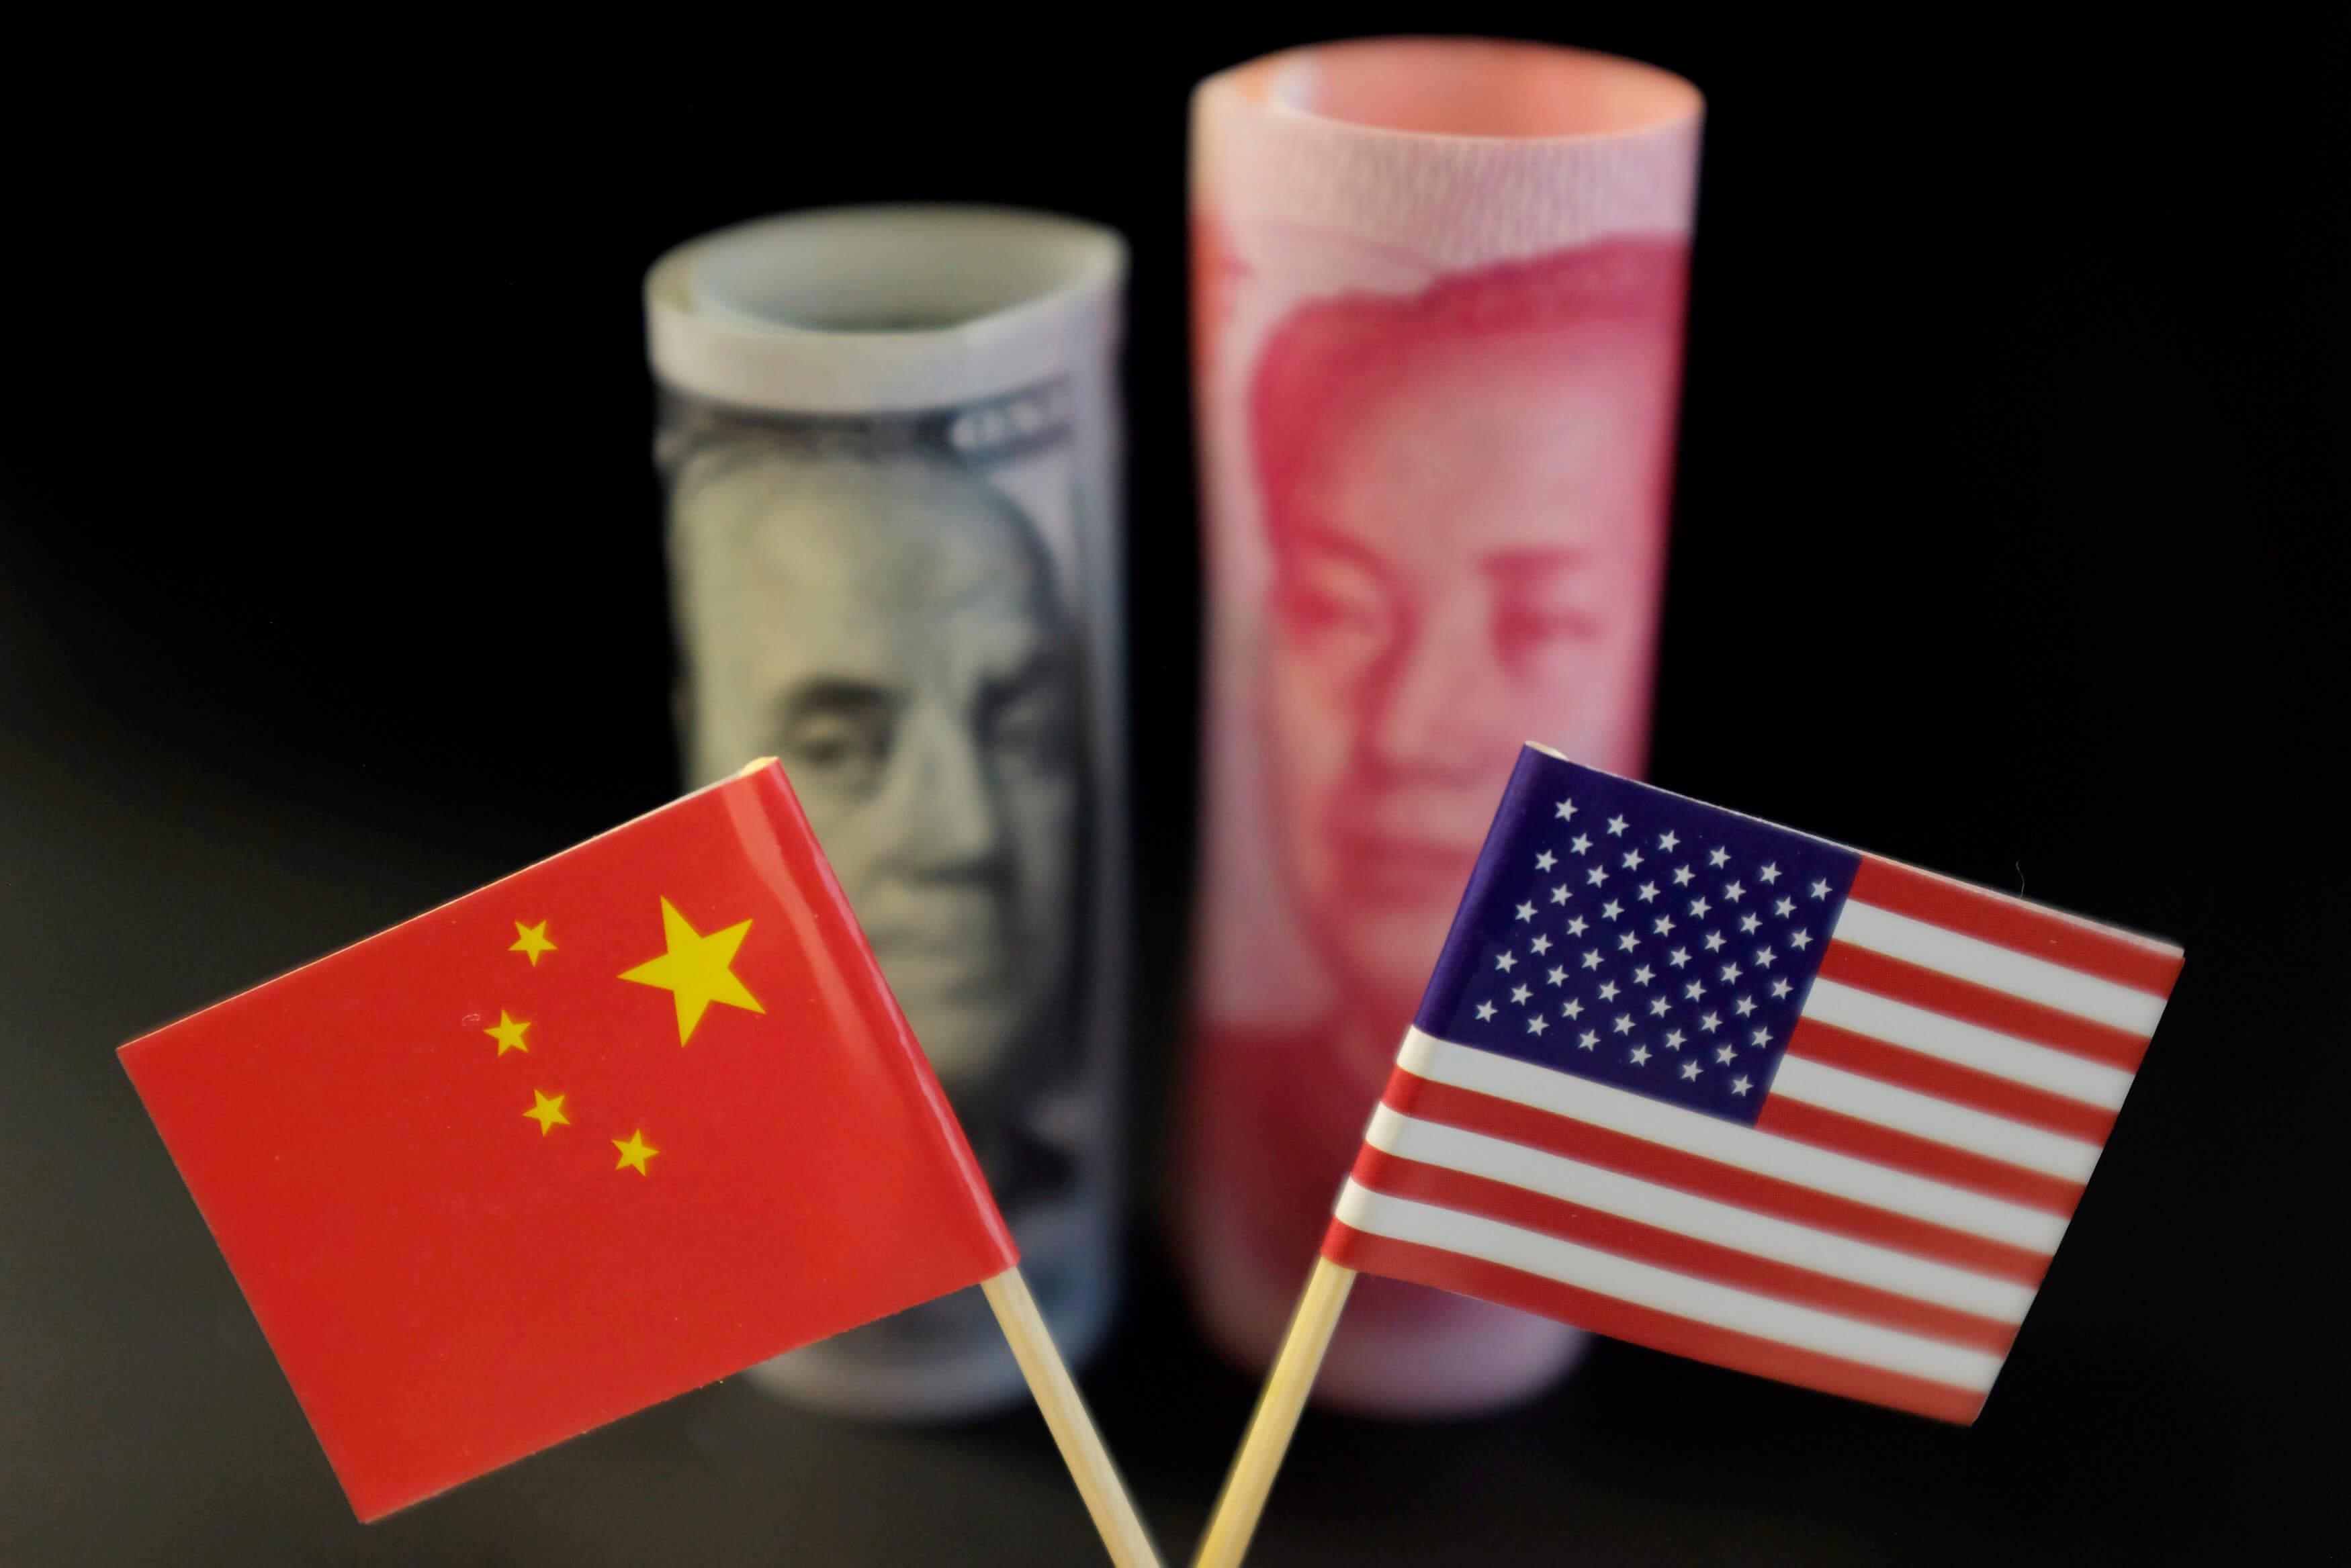 Δεν κάνει πίσω ο Τραμπ! Είναι έτοιμος να διατηρήσει ή να αυξήσει τους δασμούς σε κινεζικά προϊόντα